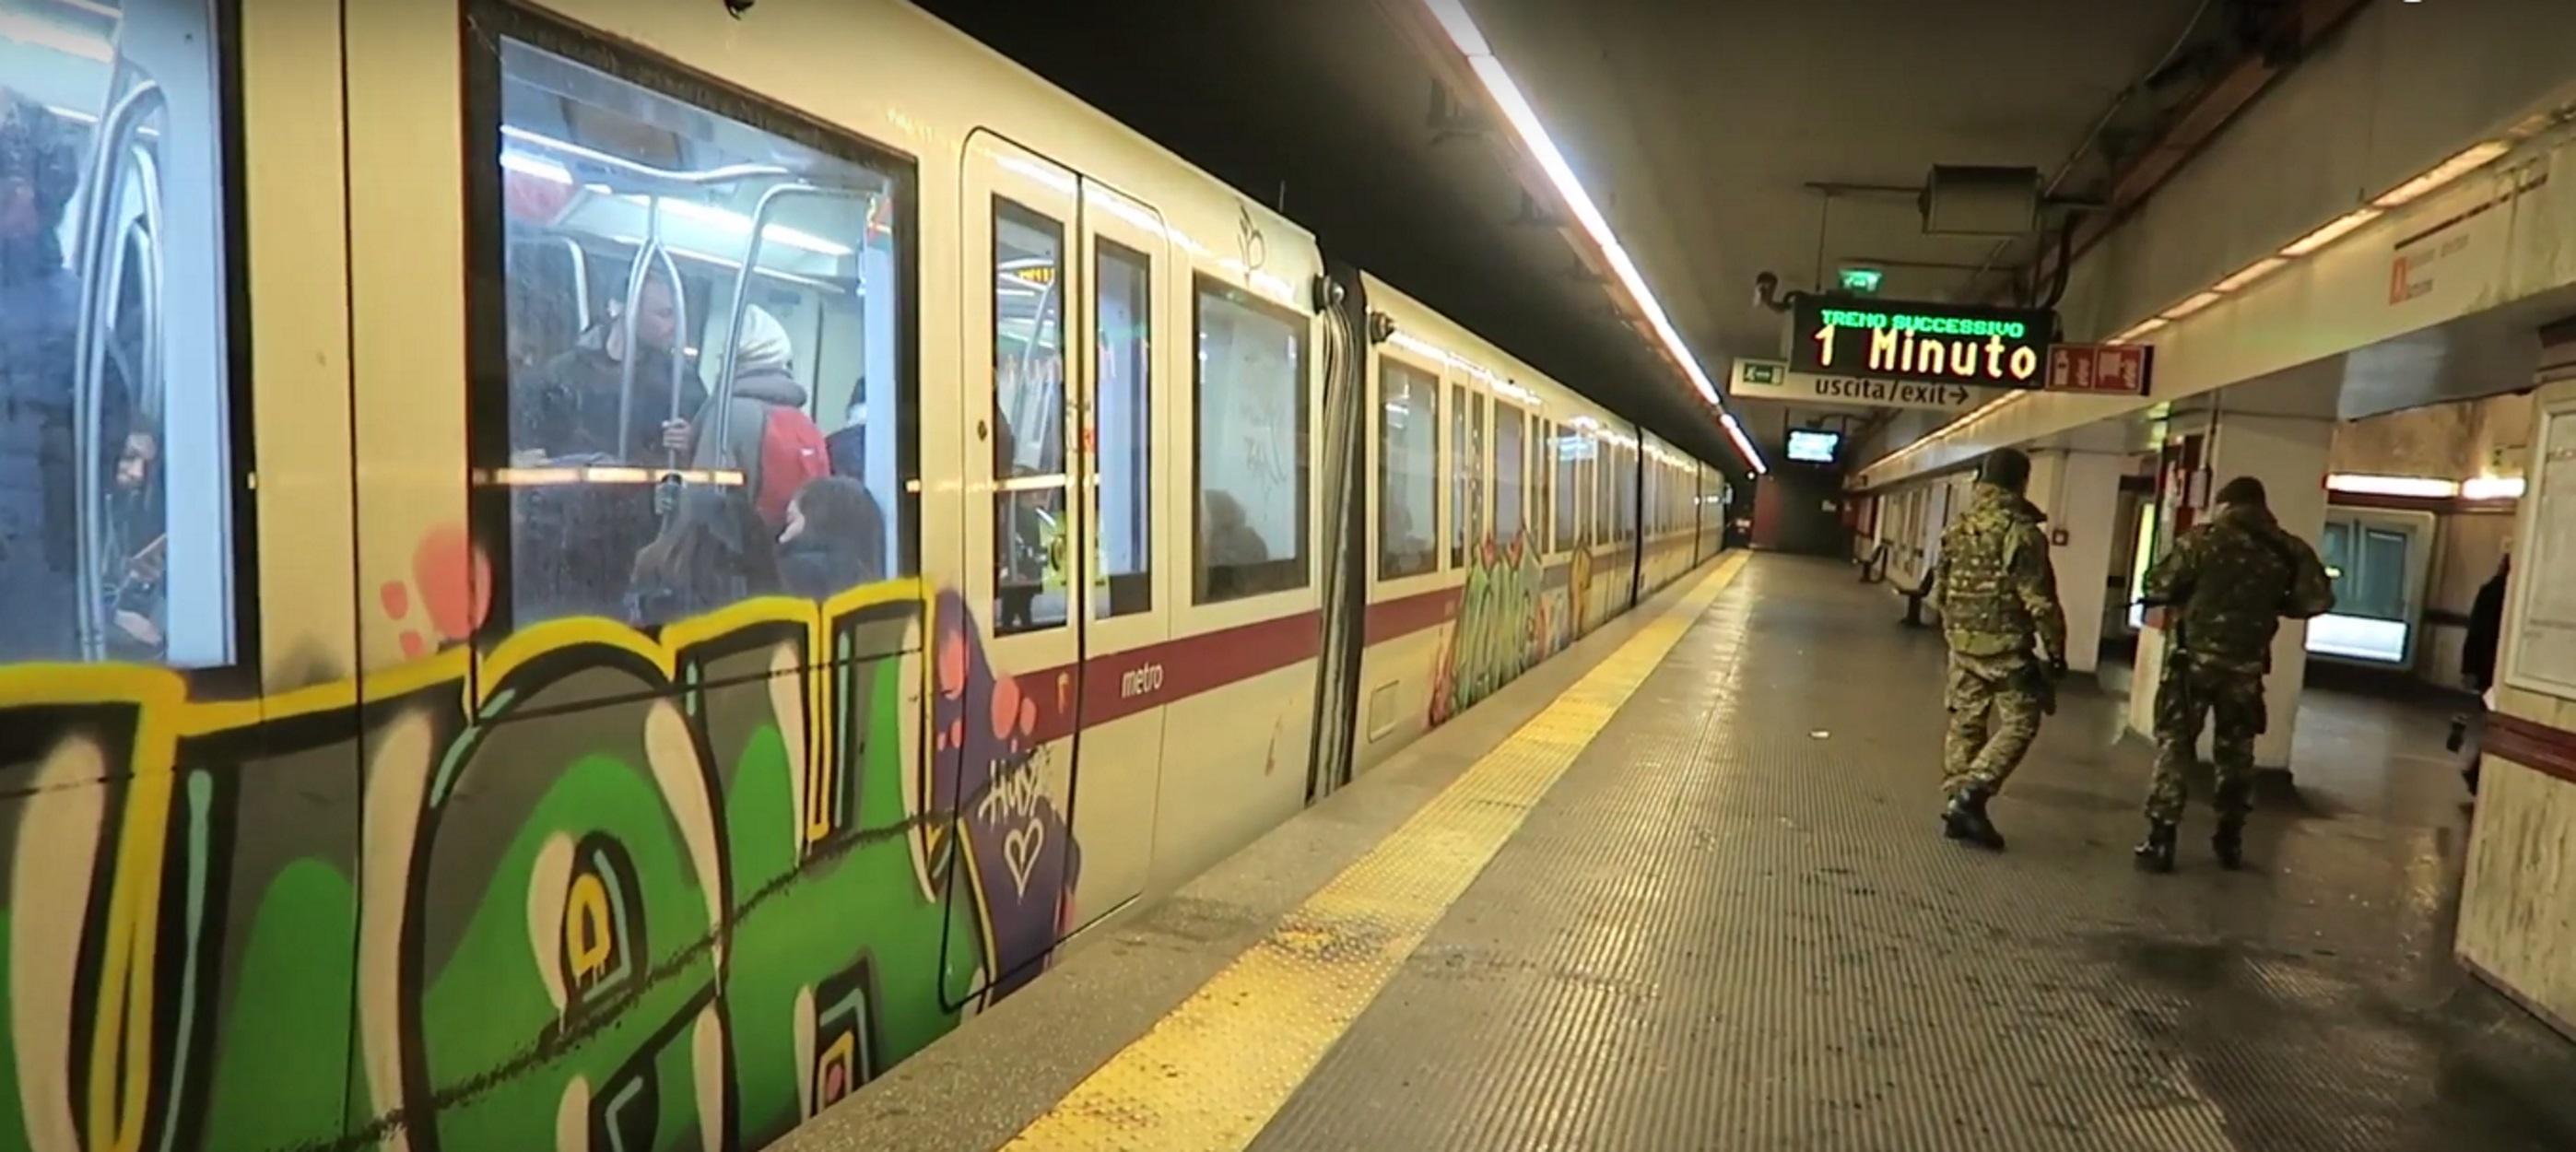 Νεκρός ο άνδρας που έπεσε στις ράγες του μετρό στον Άγιο Ιωάννη